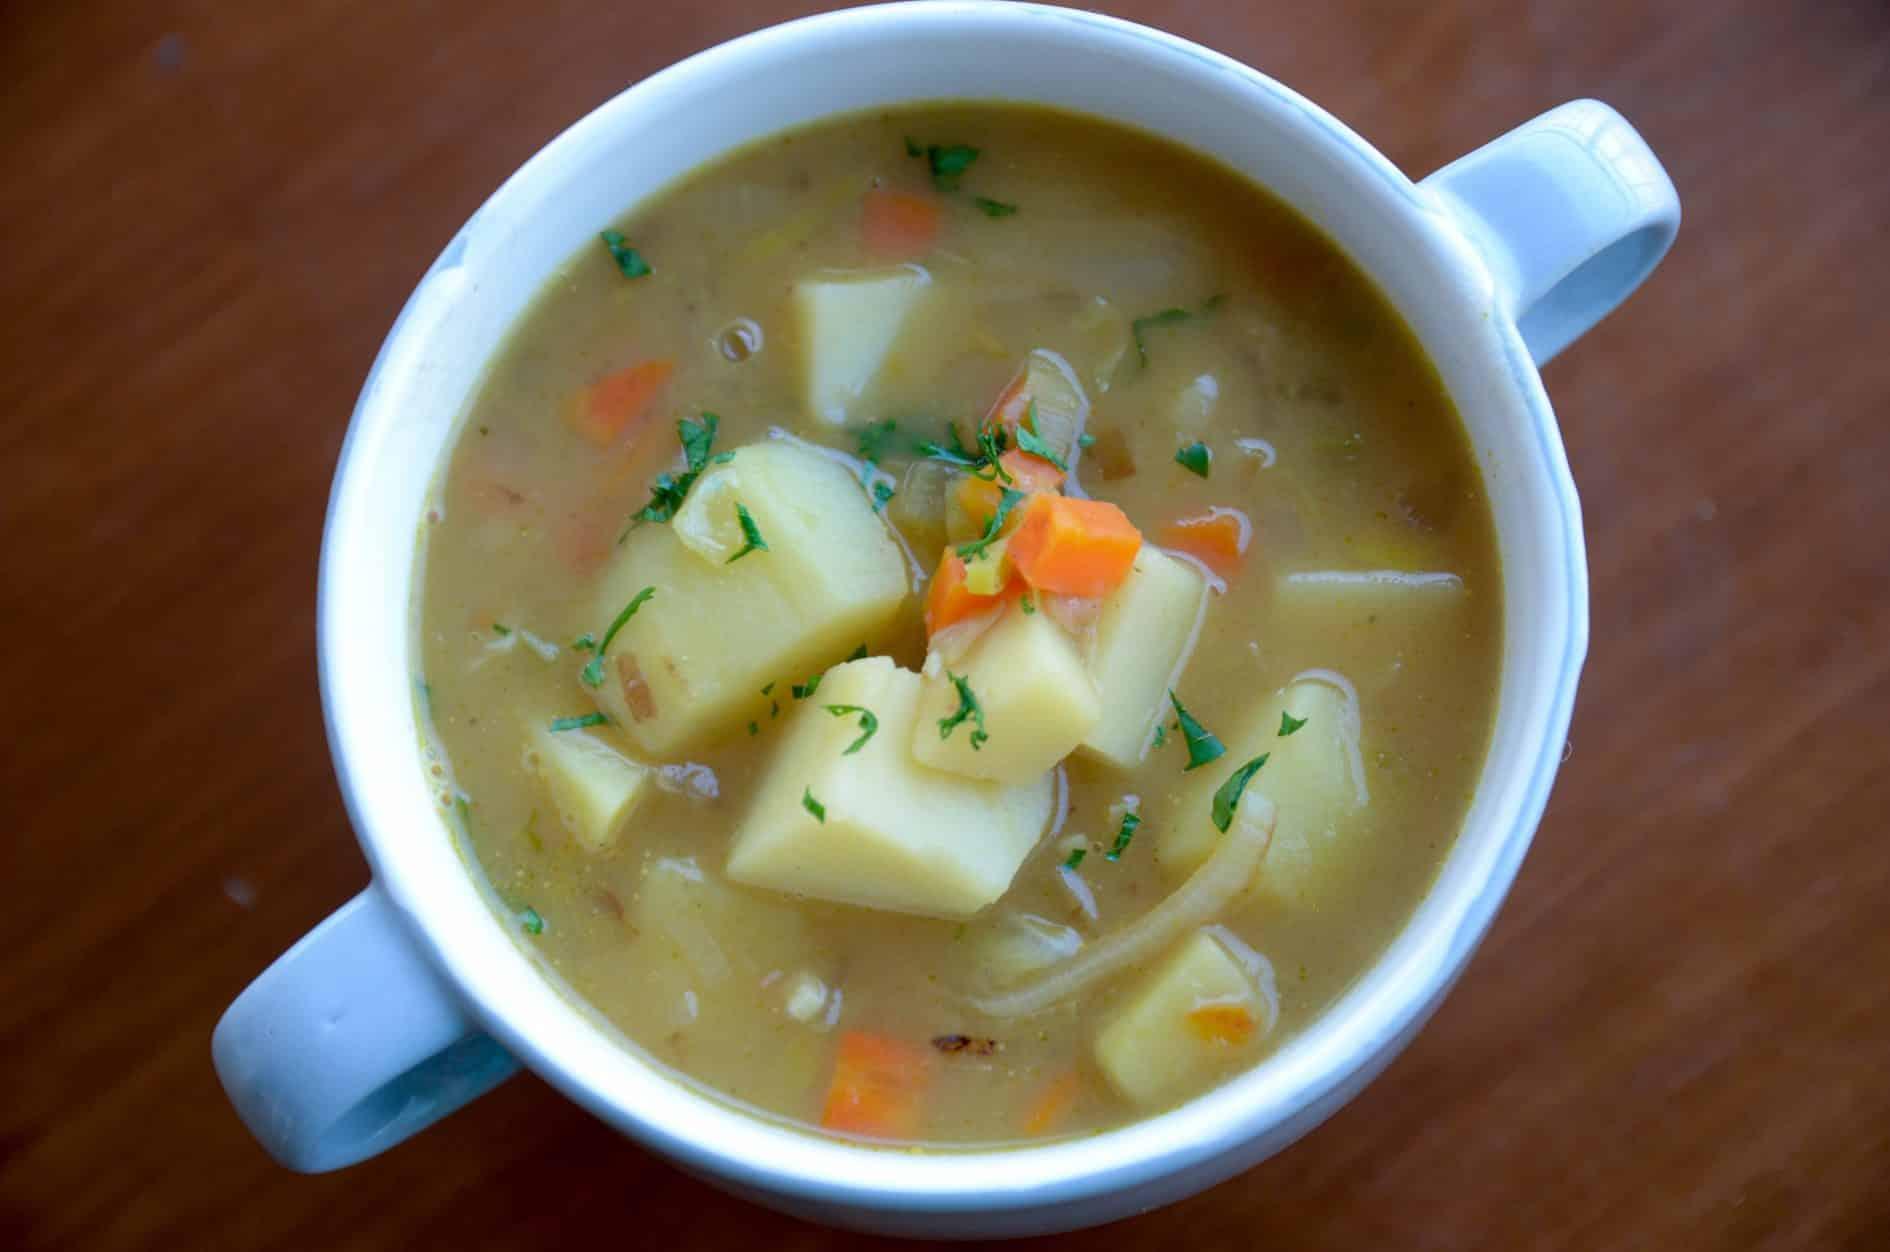 Esta sopa de batata é para aquecer neste inverno! Super rica em sabores, entre seus ingredientes estão a cenoura e o salsão que deixa tudo ainda mais saboroso! Receita fácil e confortante.